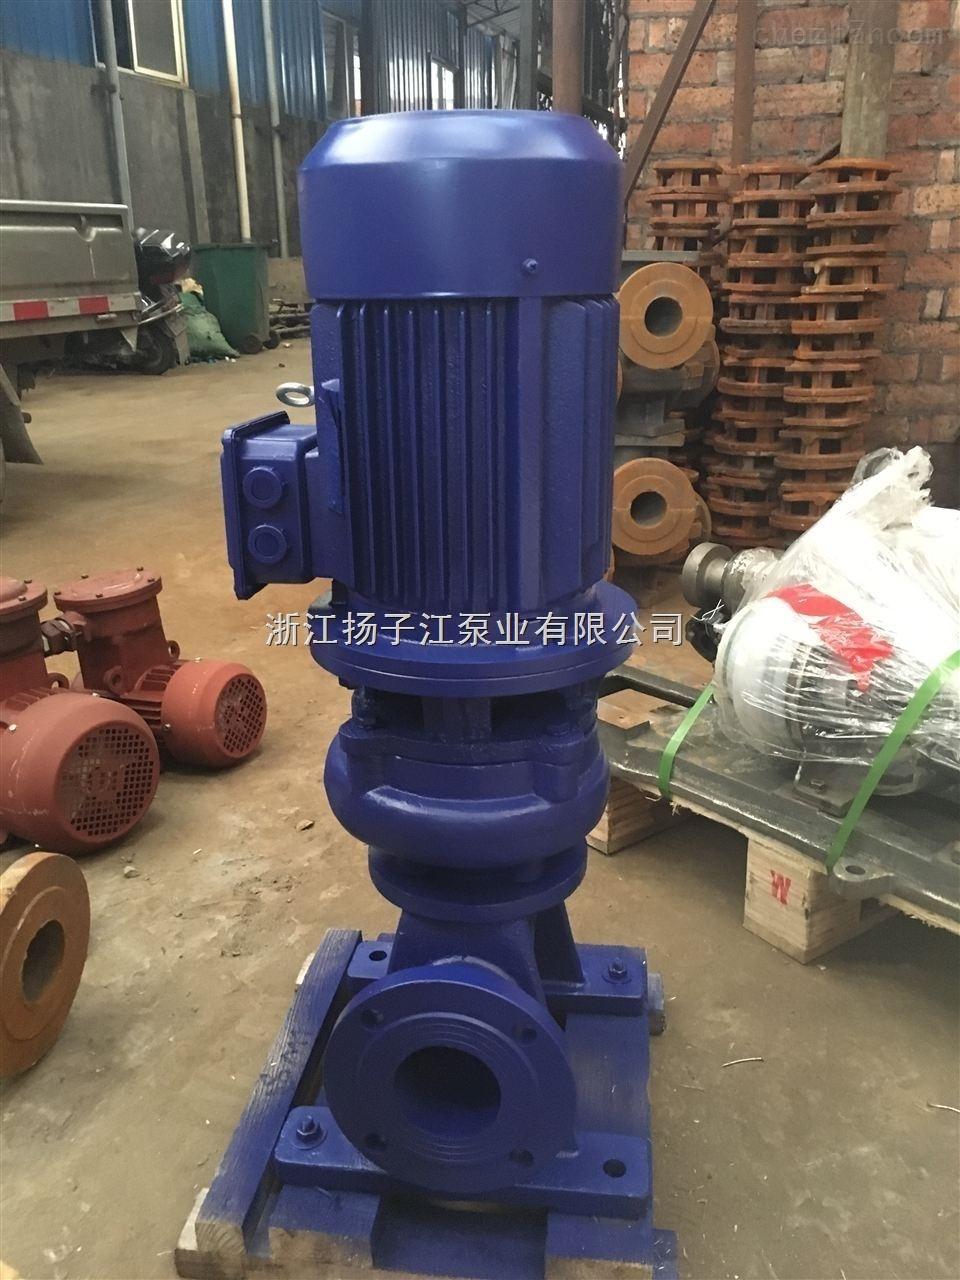 100LW100-30-15排污泵,无堵塞立式排污泵,管道式排污泵